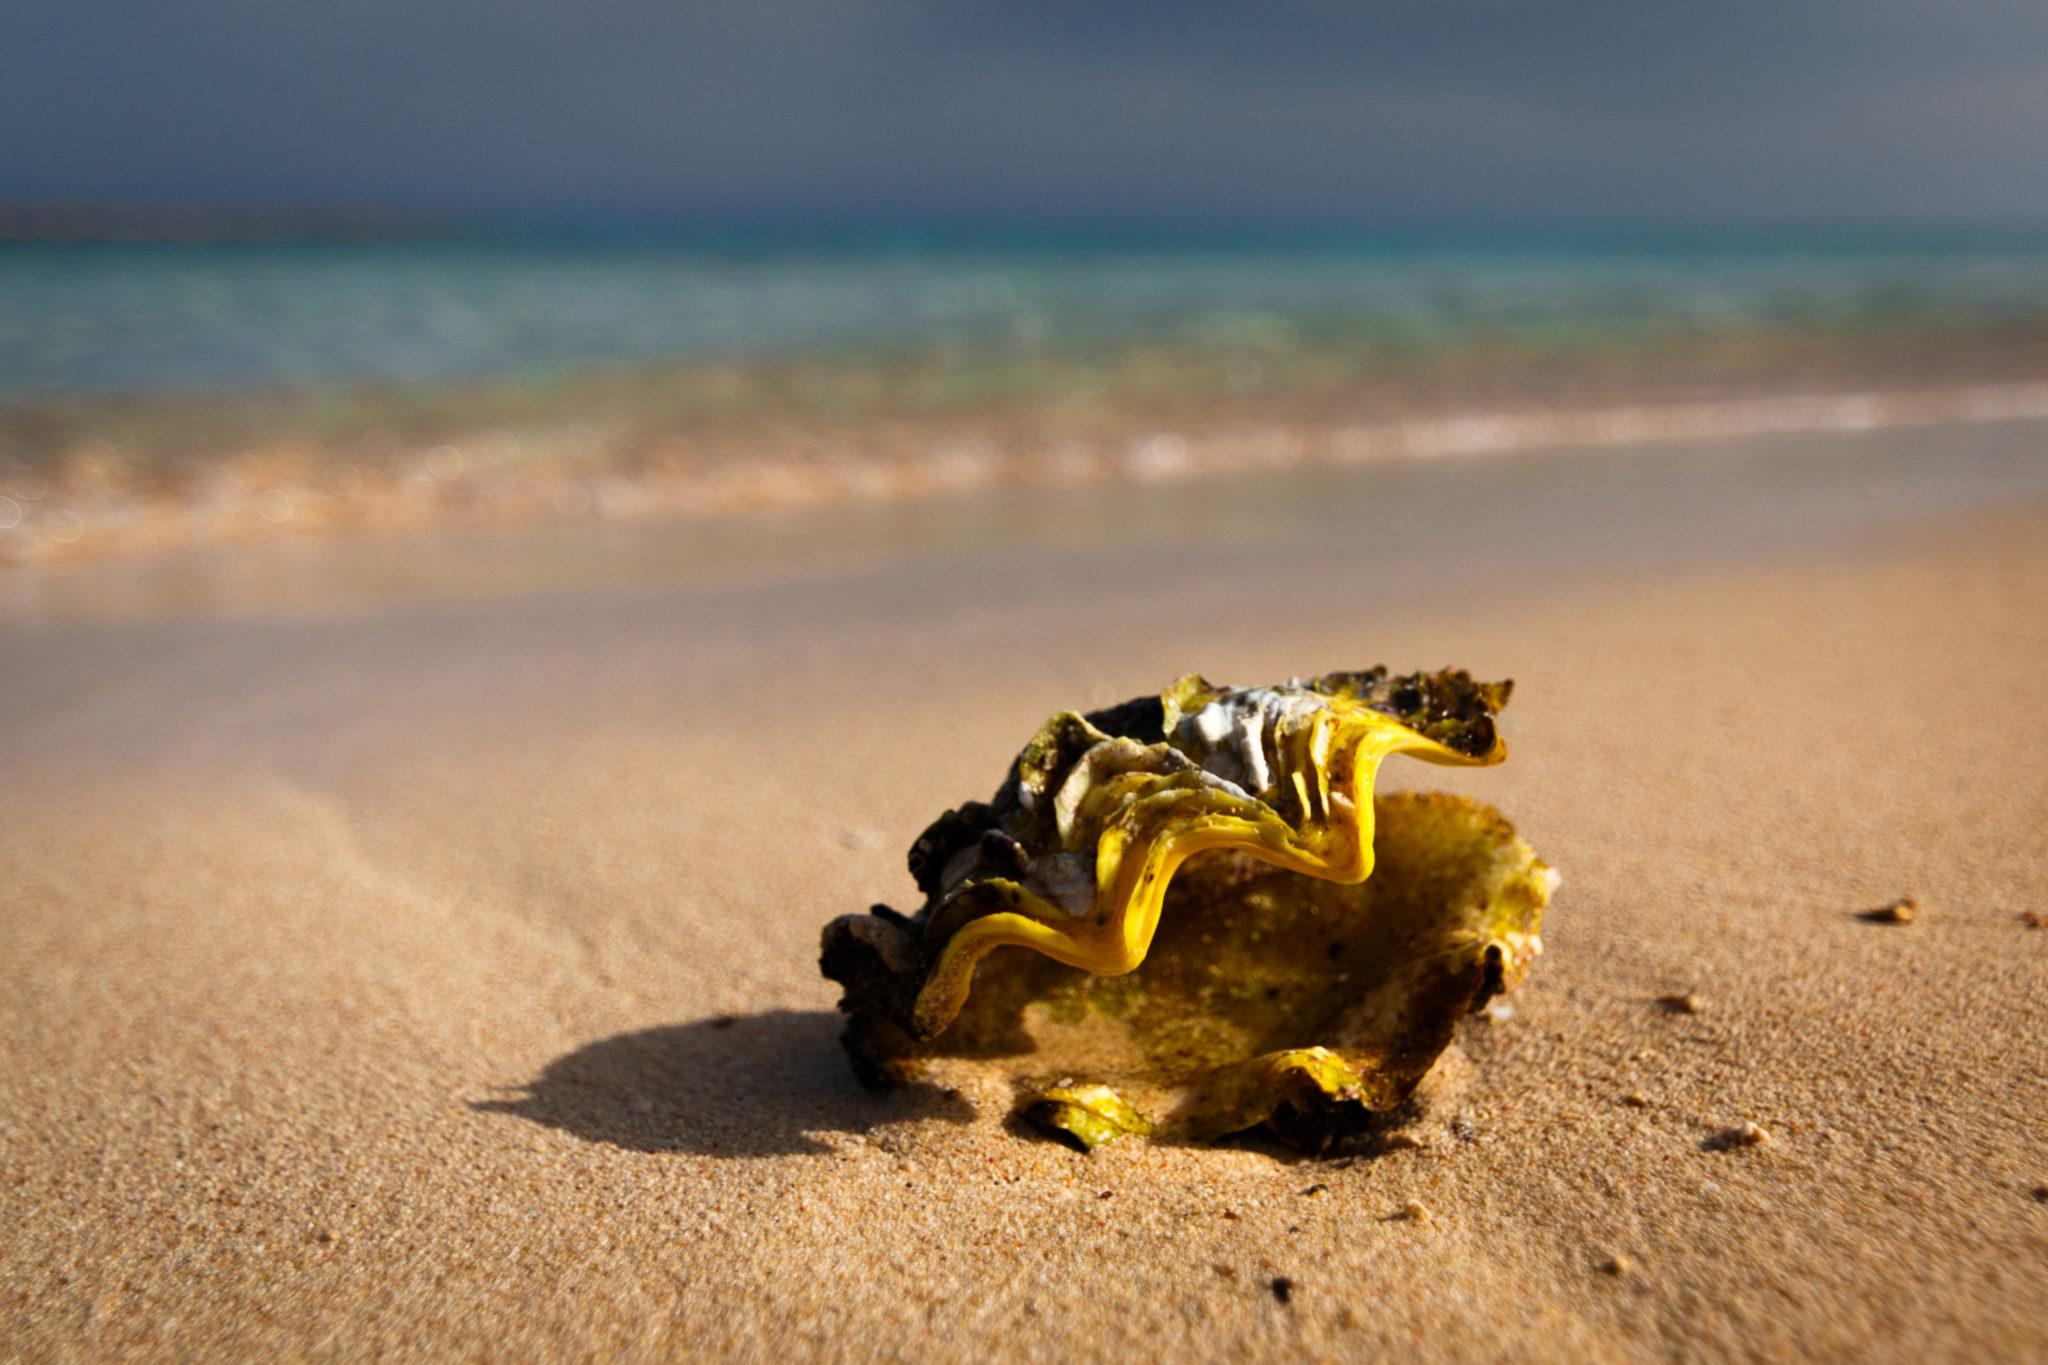 Muschel am Strand I